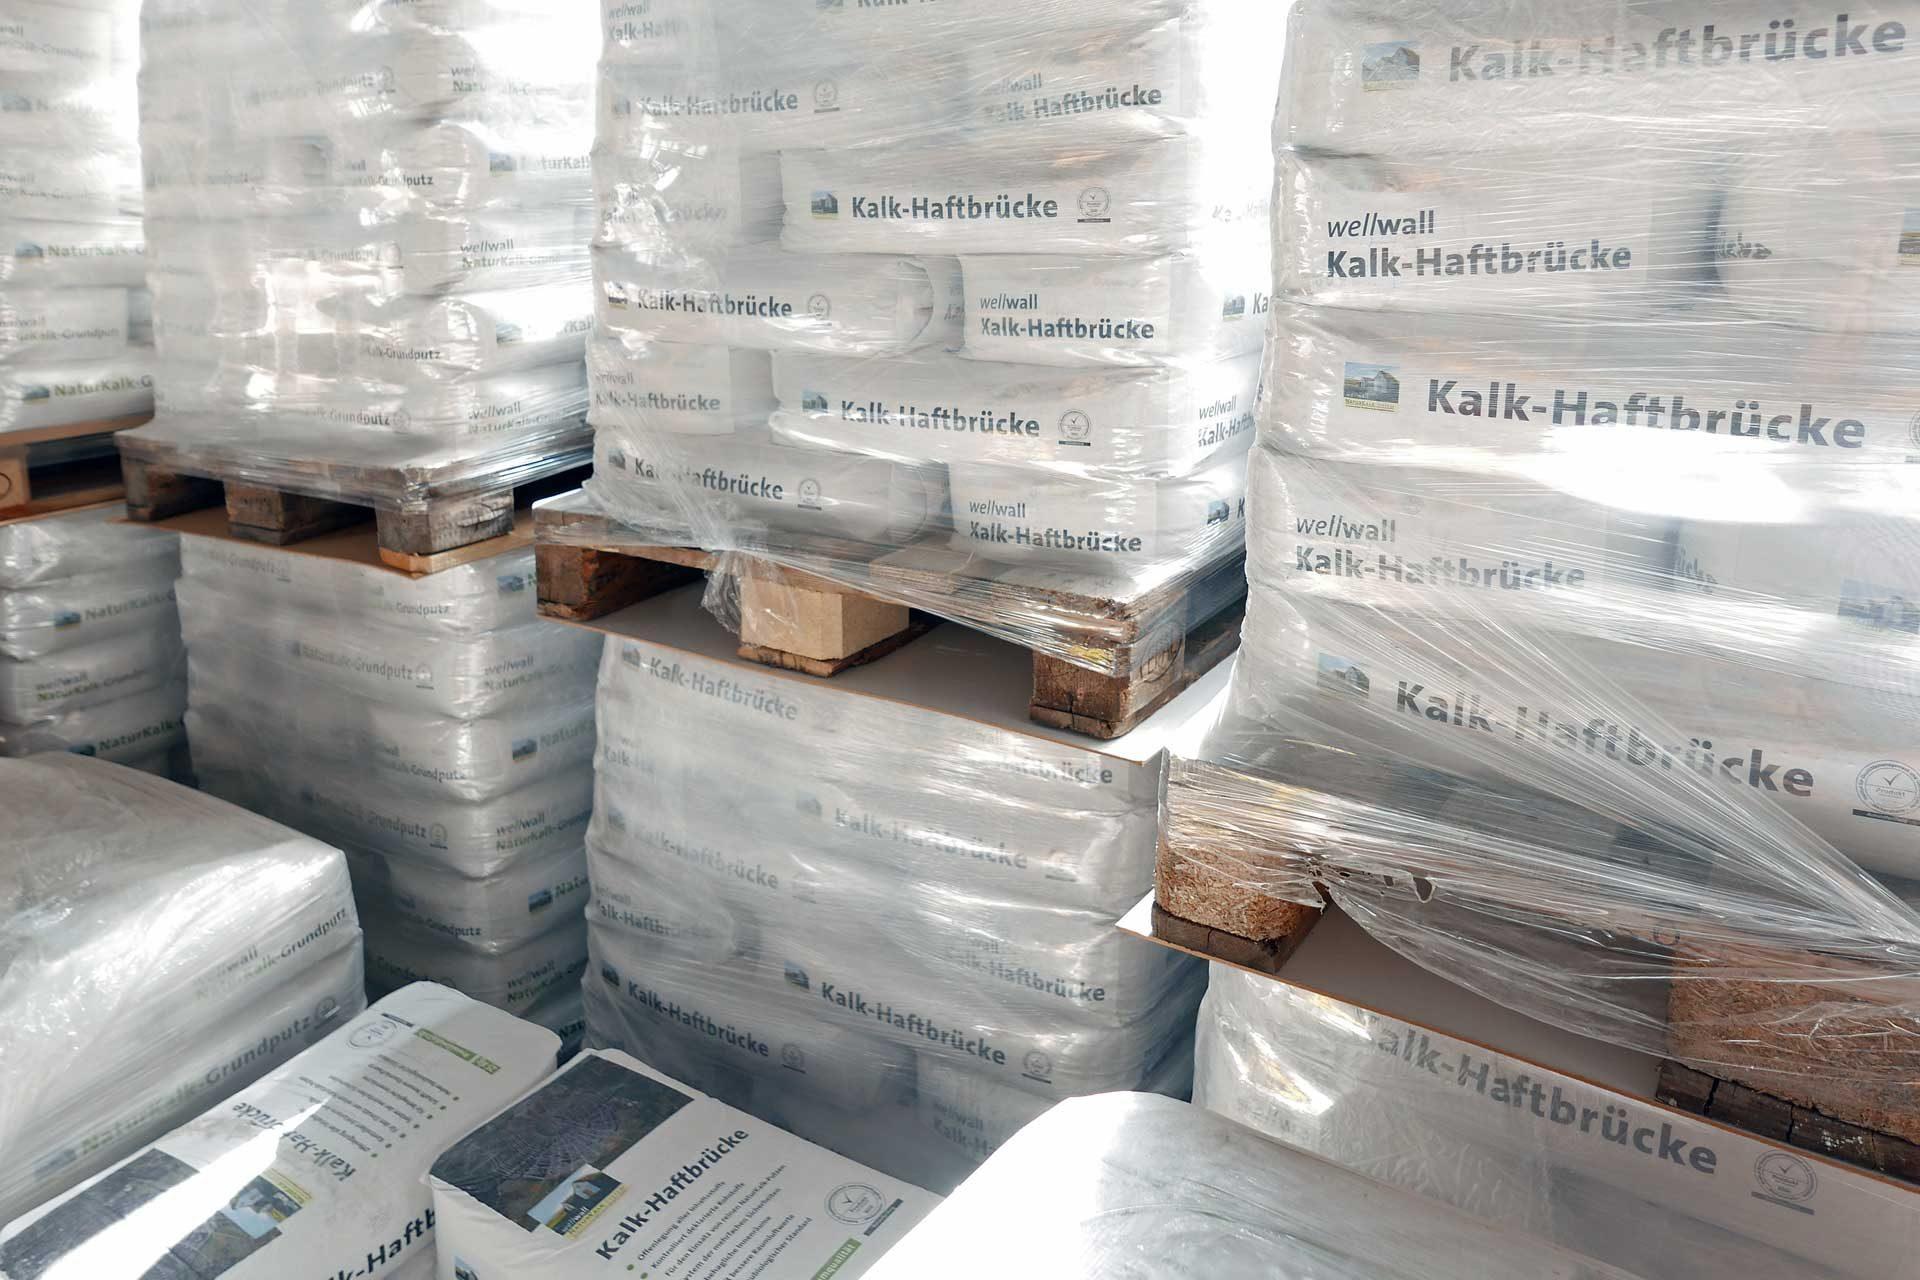 KalkManufaktur Mannheim Kalk-Haftbrücke auf Lager